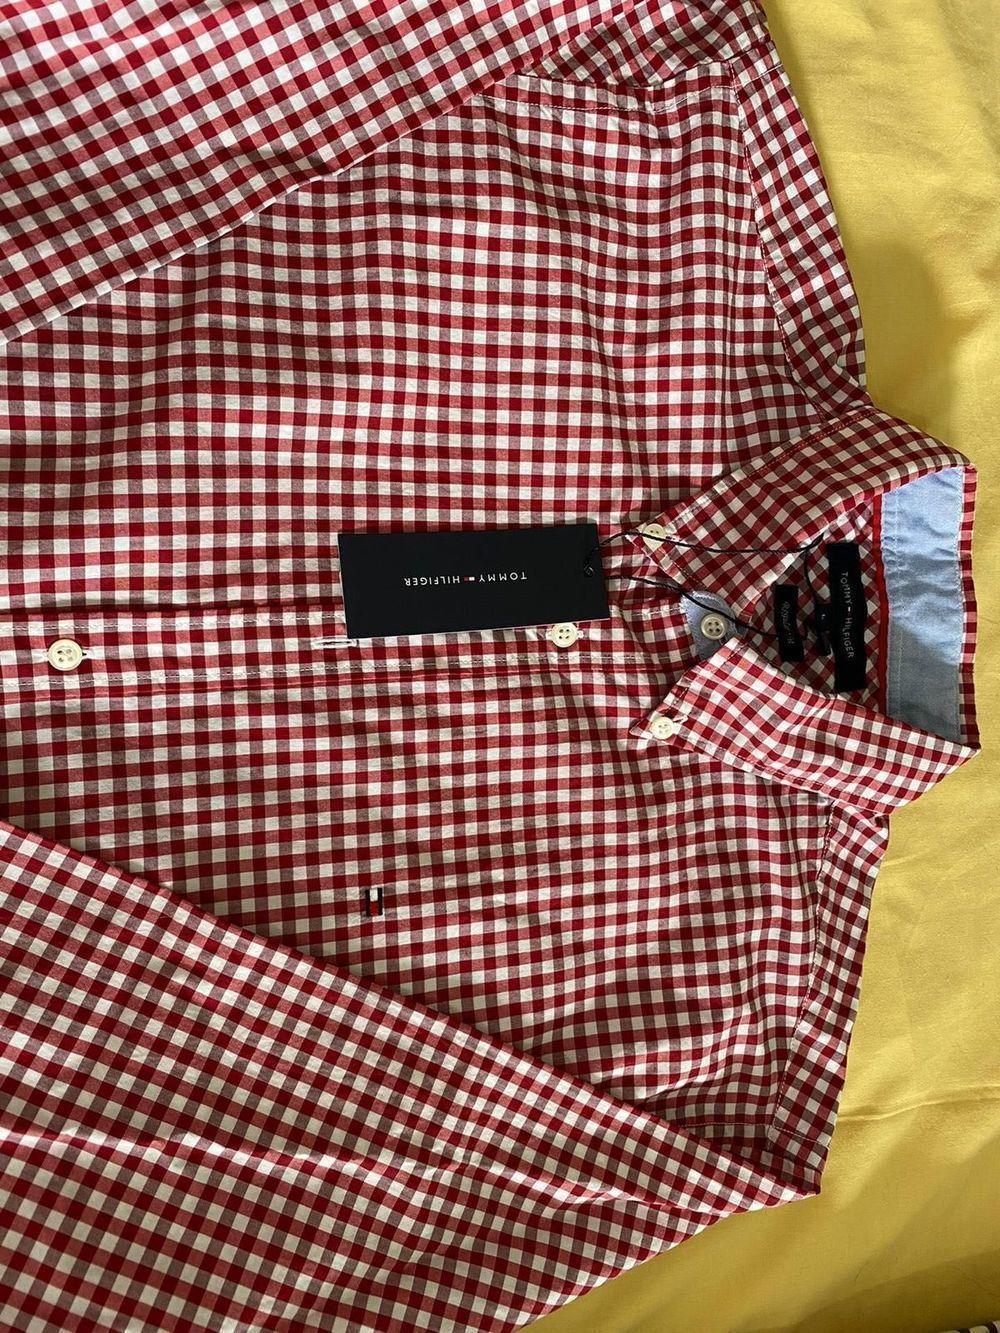 Camisas novas da Tommy Hilfiger 1